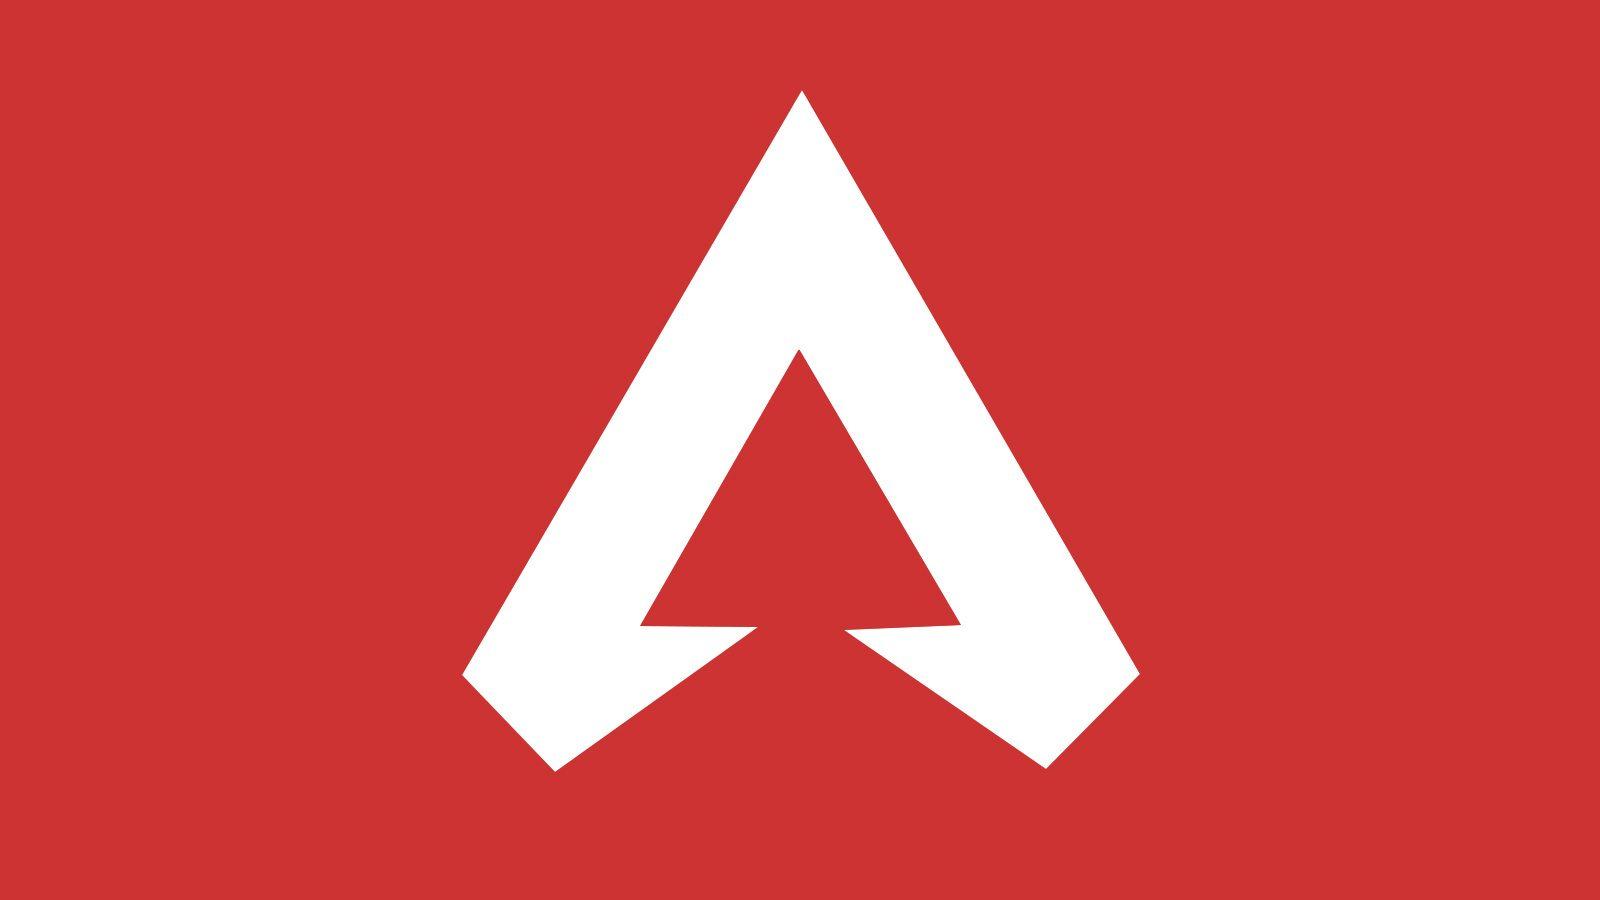 Respawn: мы знаем, что игроки хотят Apex на Switch, но нам пока нечего анонсировать